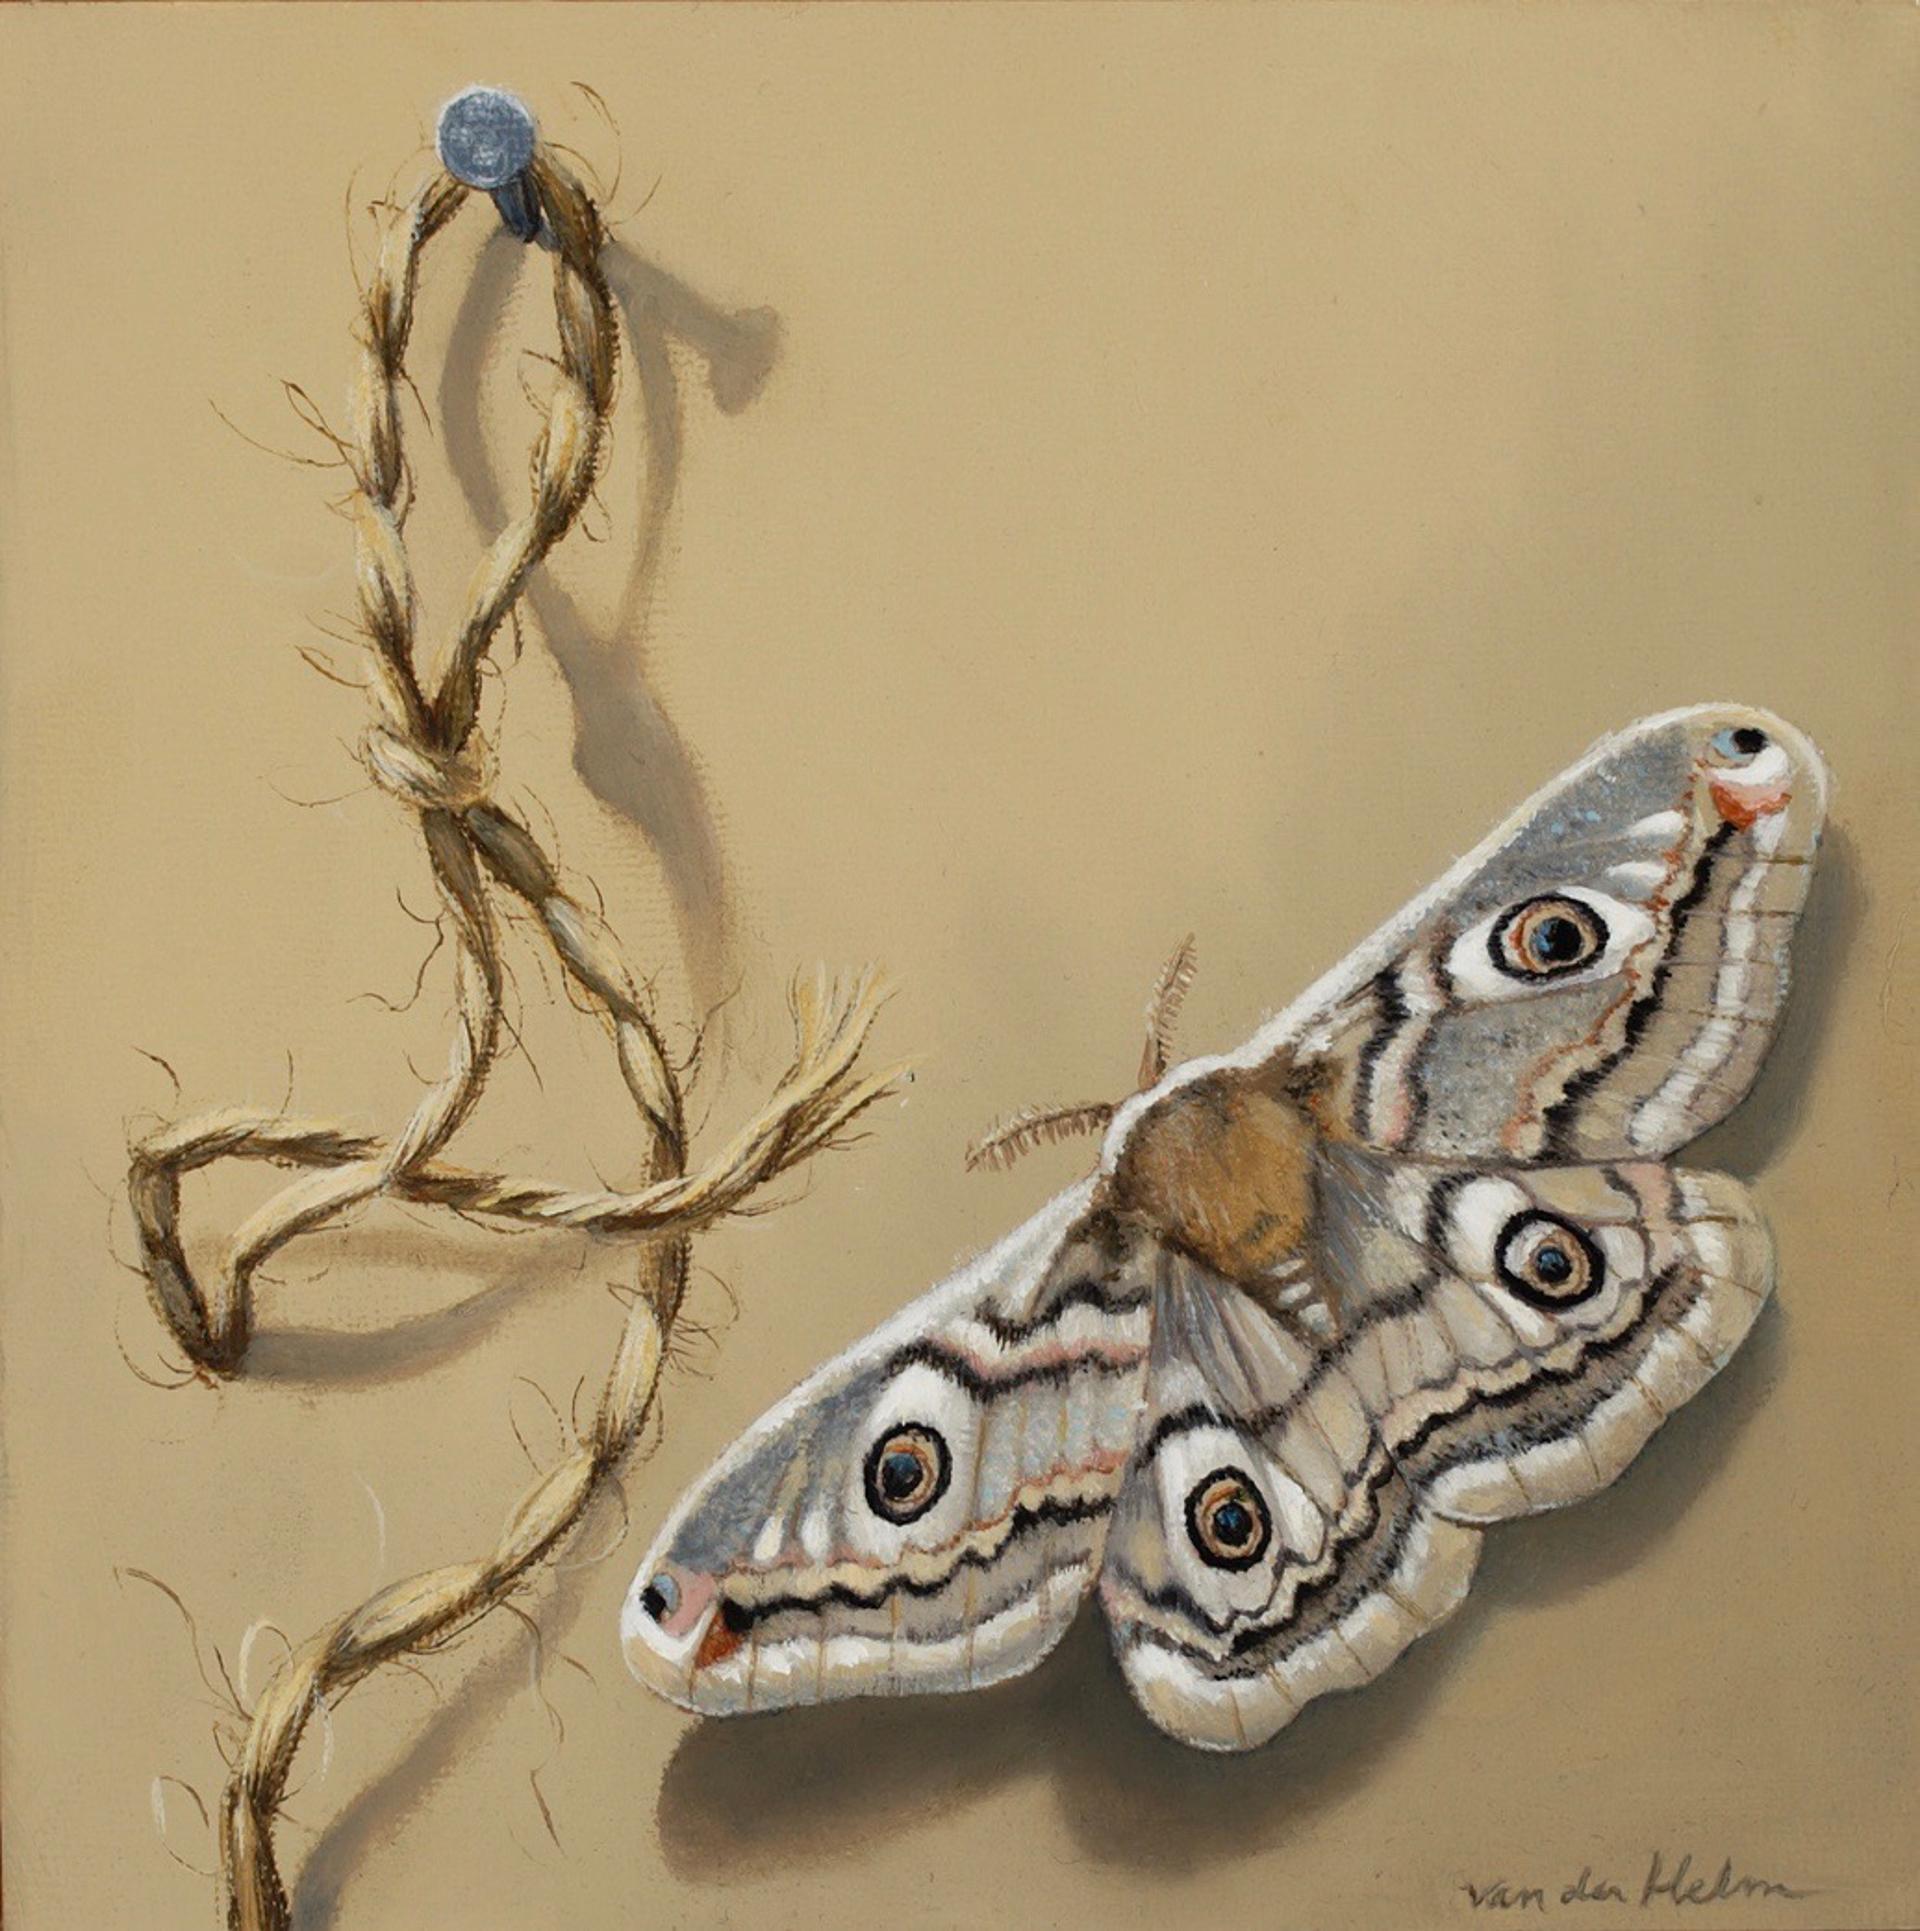 Emporer Moth by Sarah van der Helm